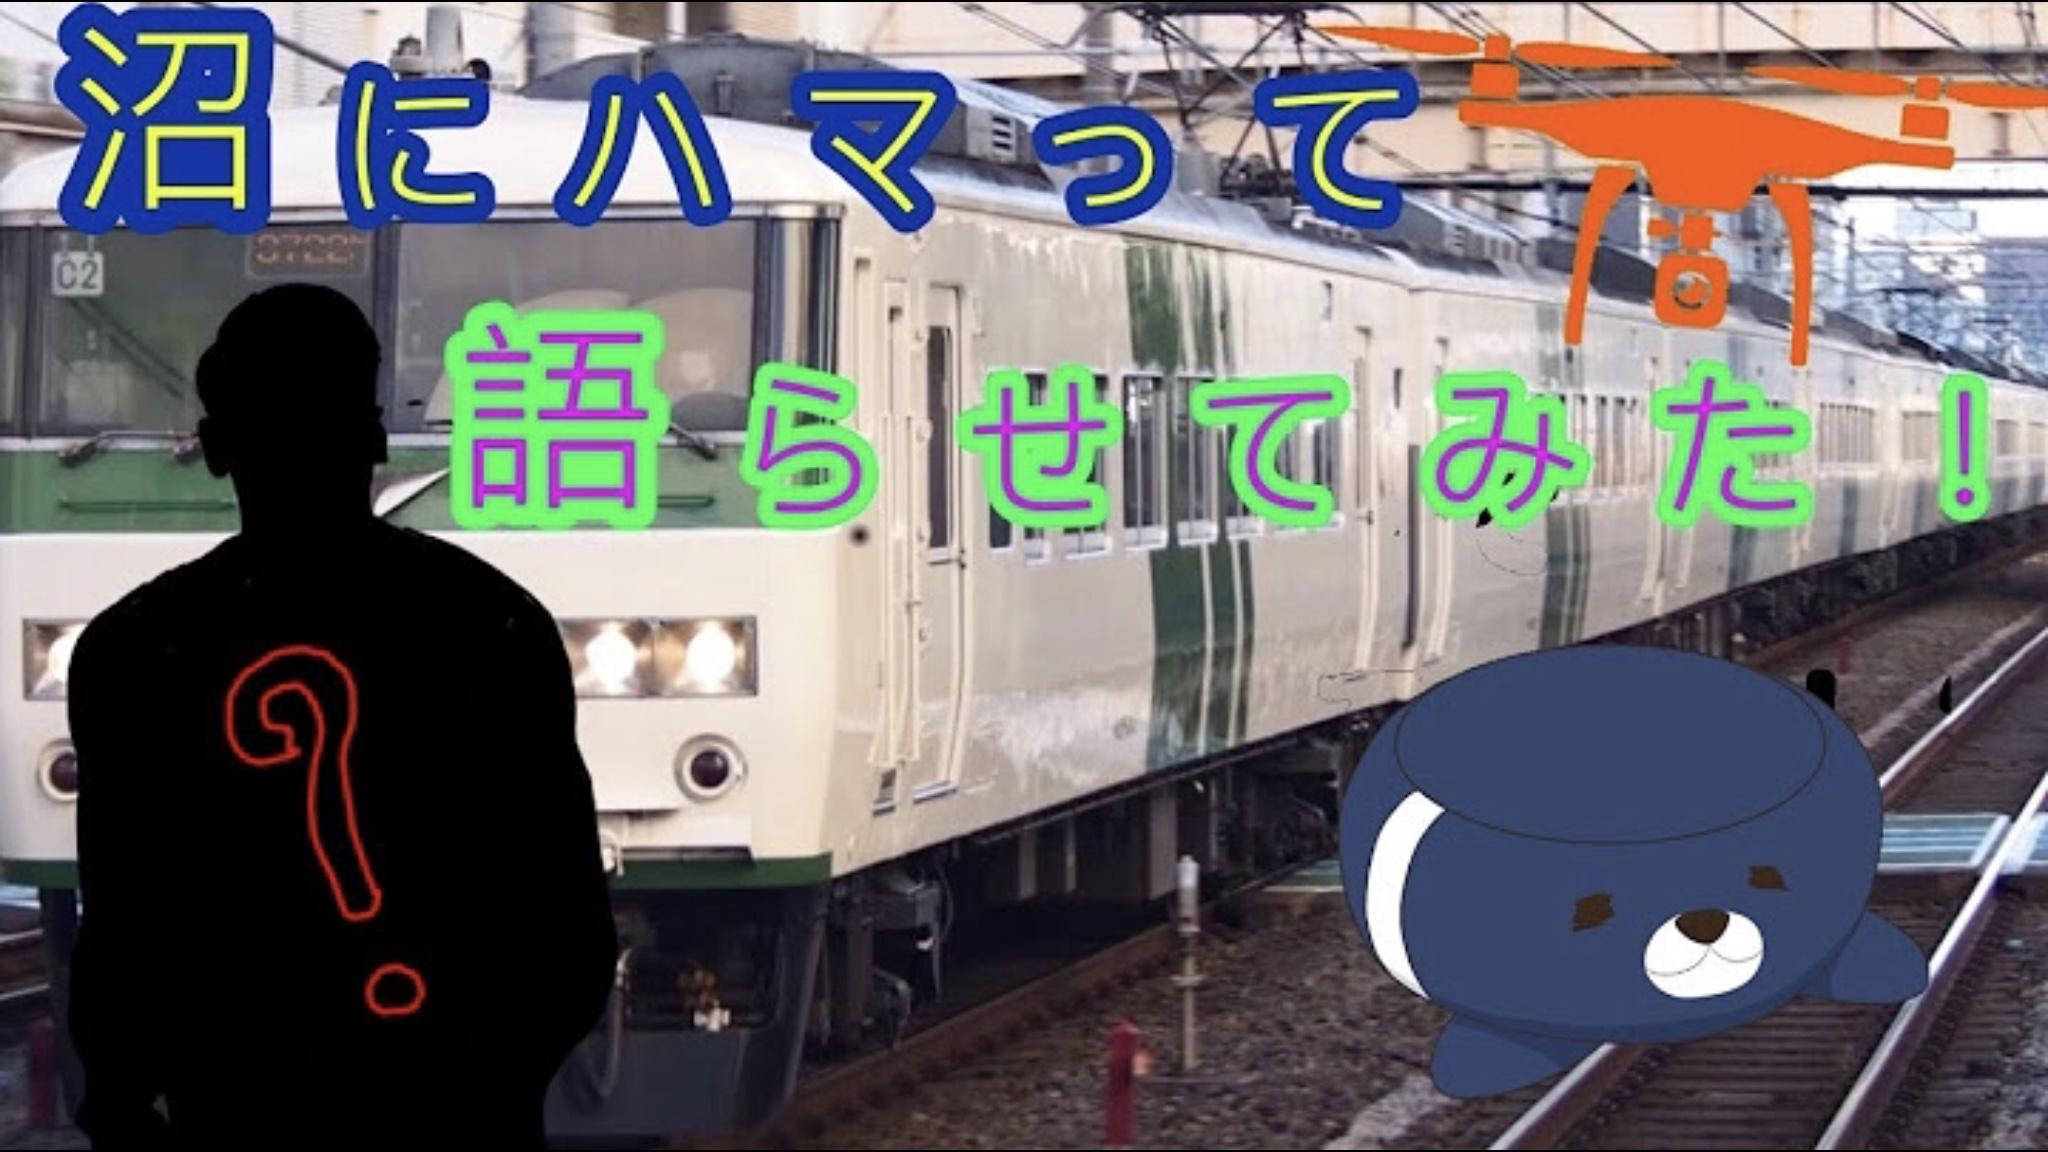 05965DA6-30DD-442D-9D1C-66FC0BA5F2F9